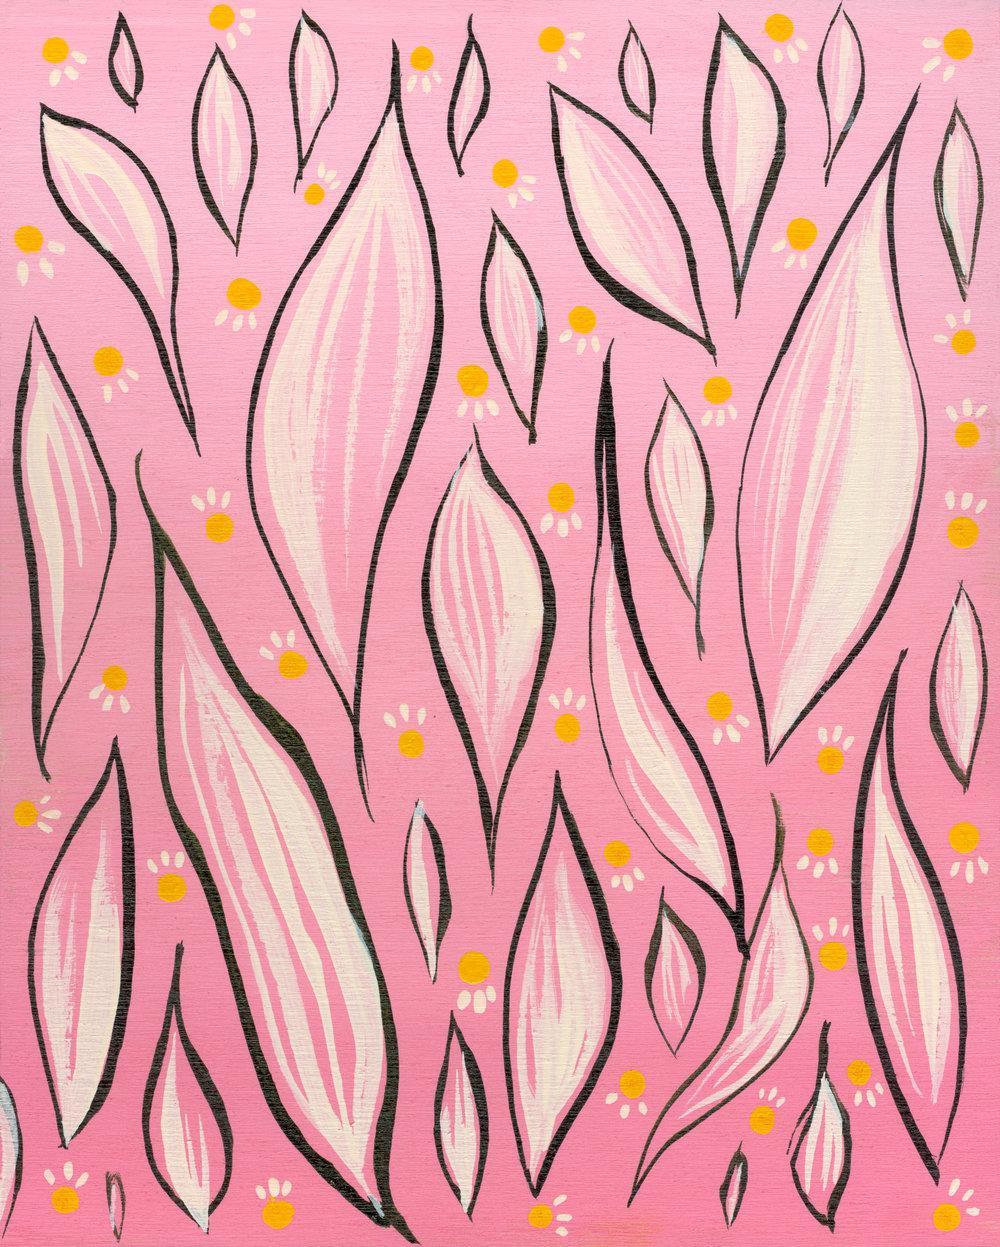 Allyn_Howard_leaves-pink_sm.jpg